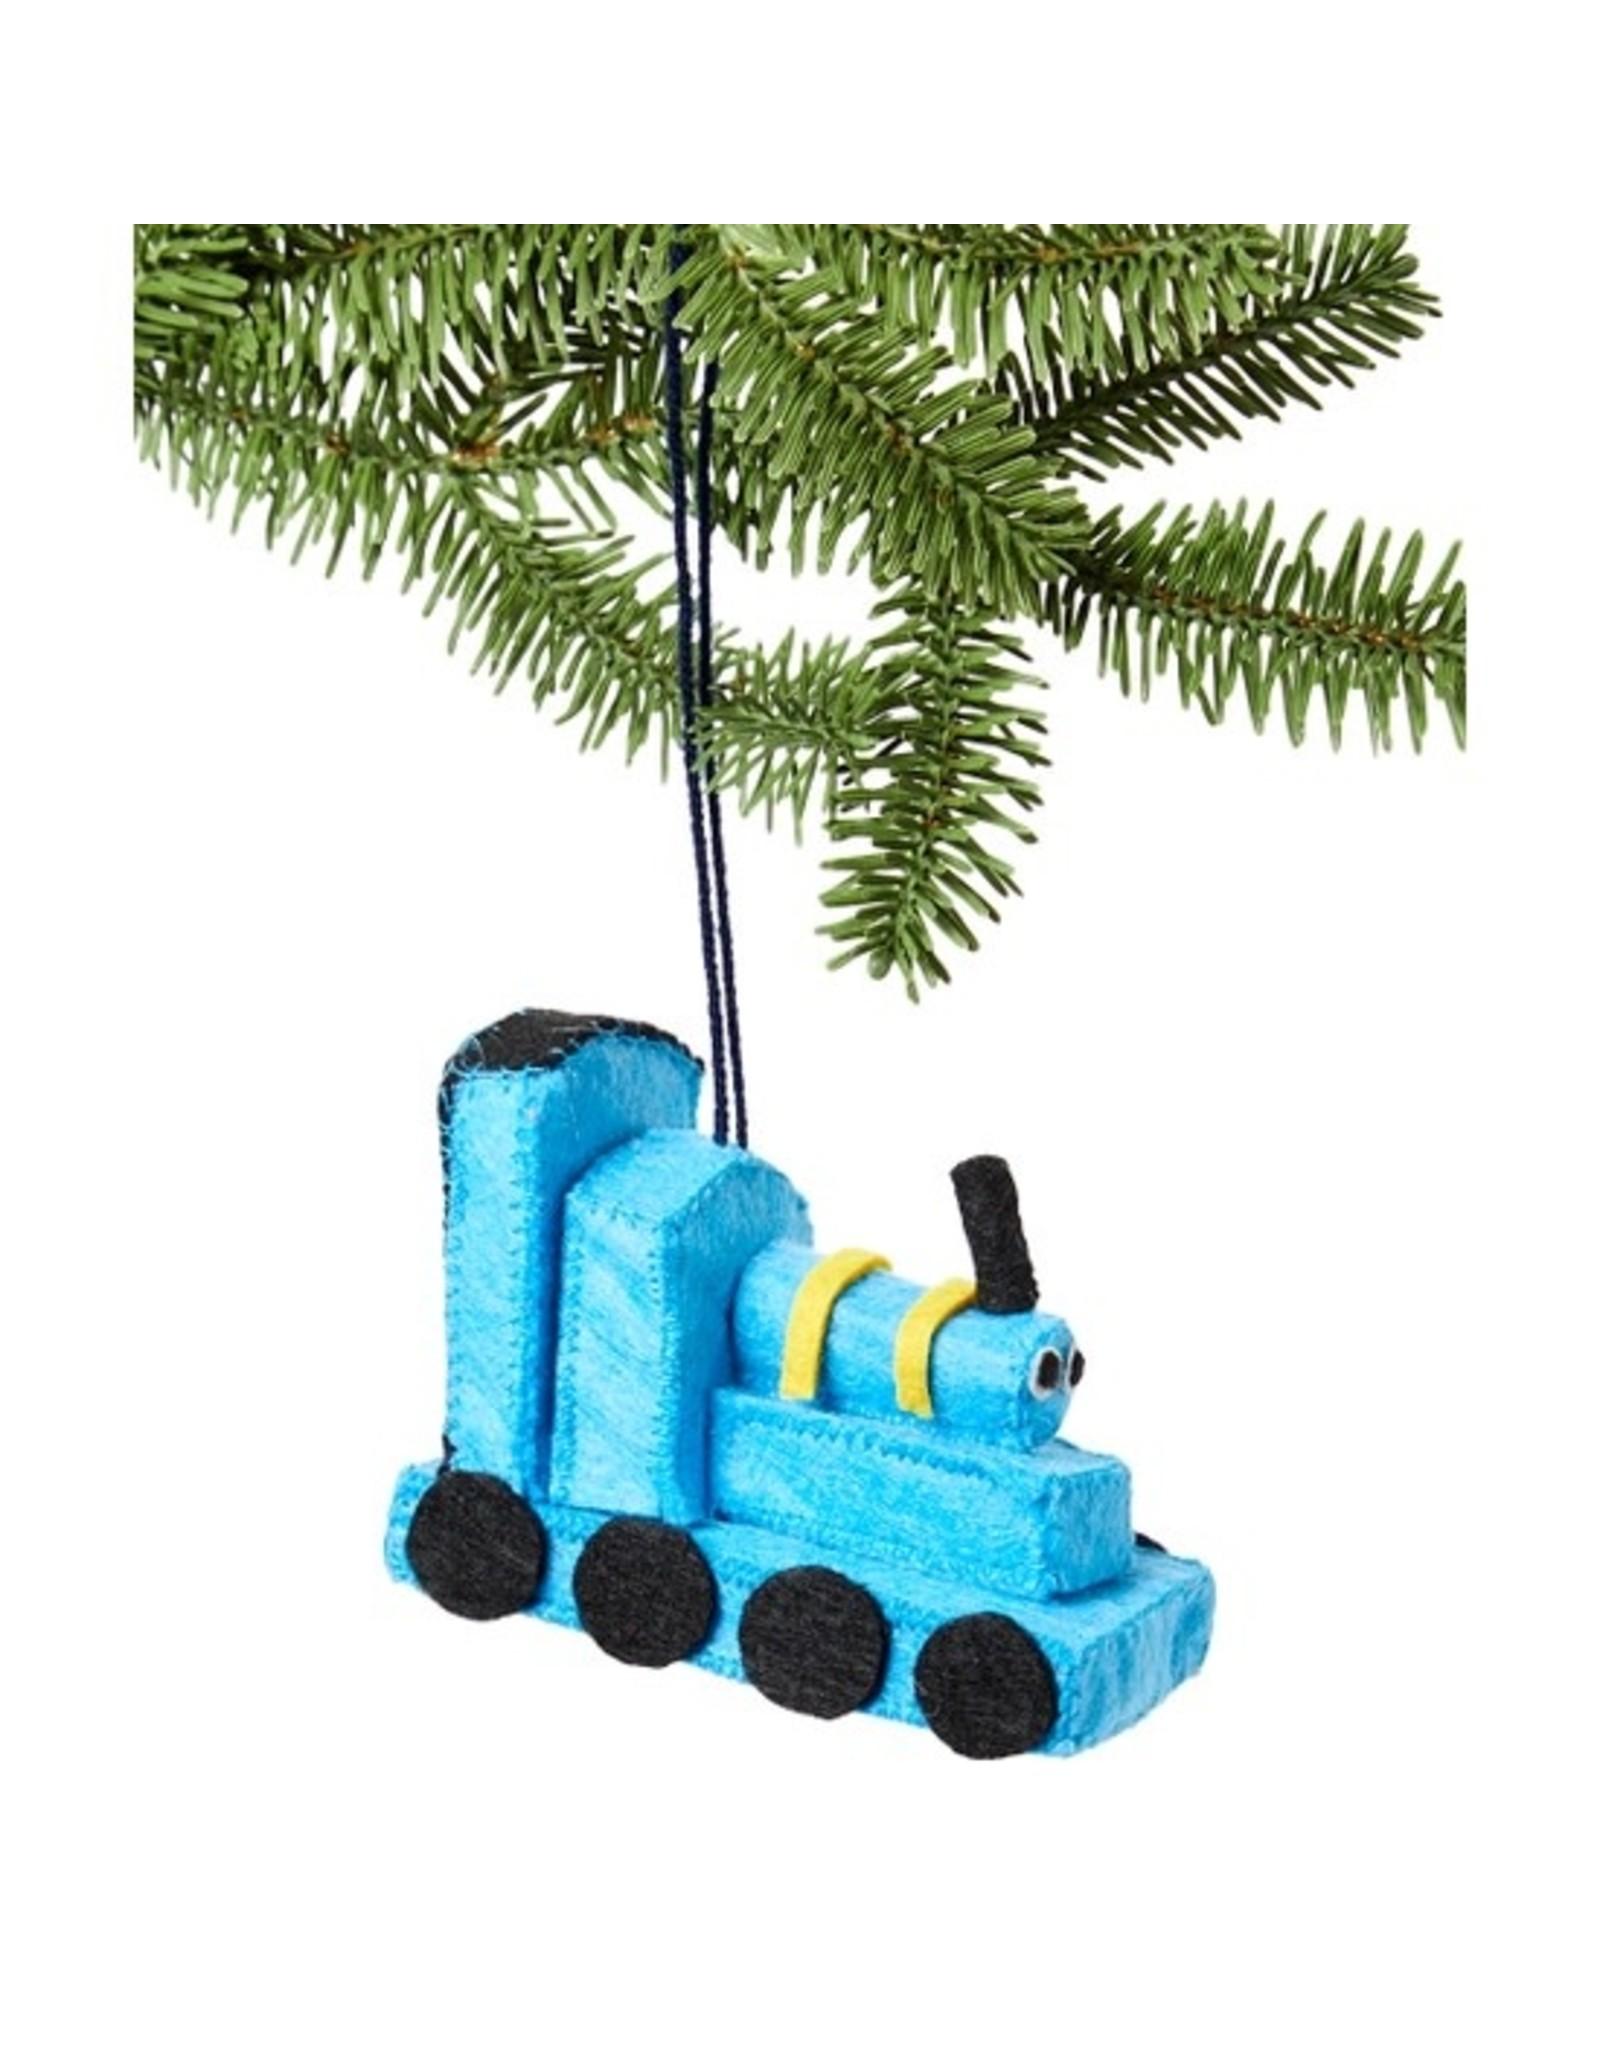 Blue Train Ornament